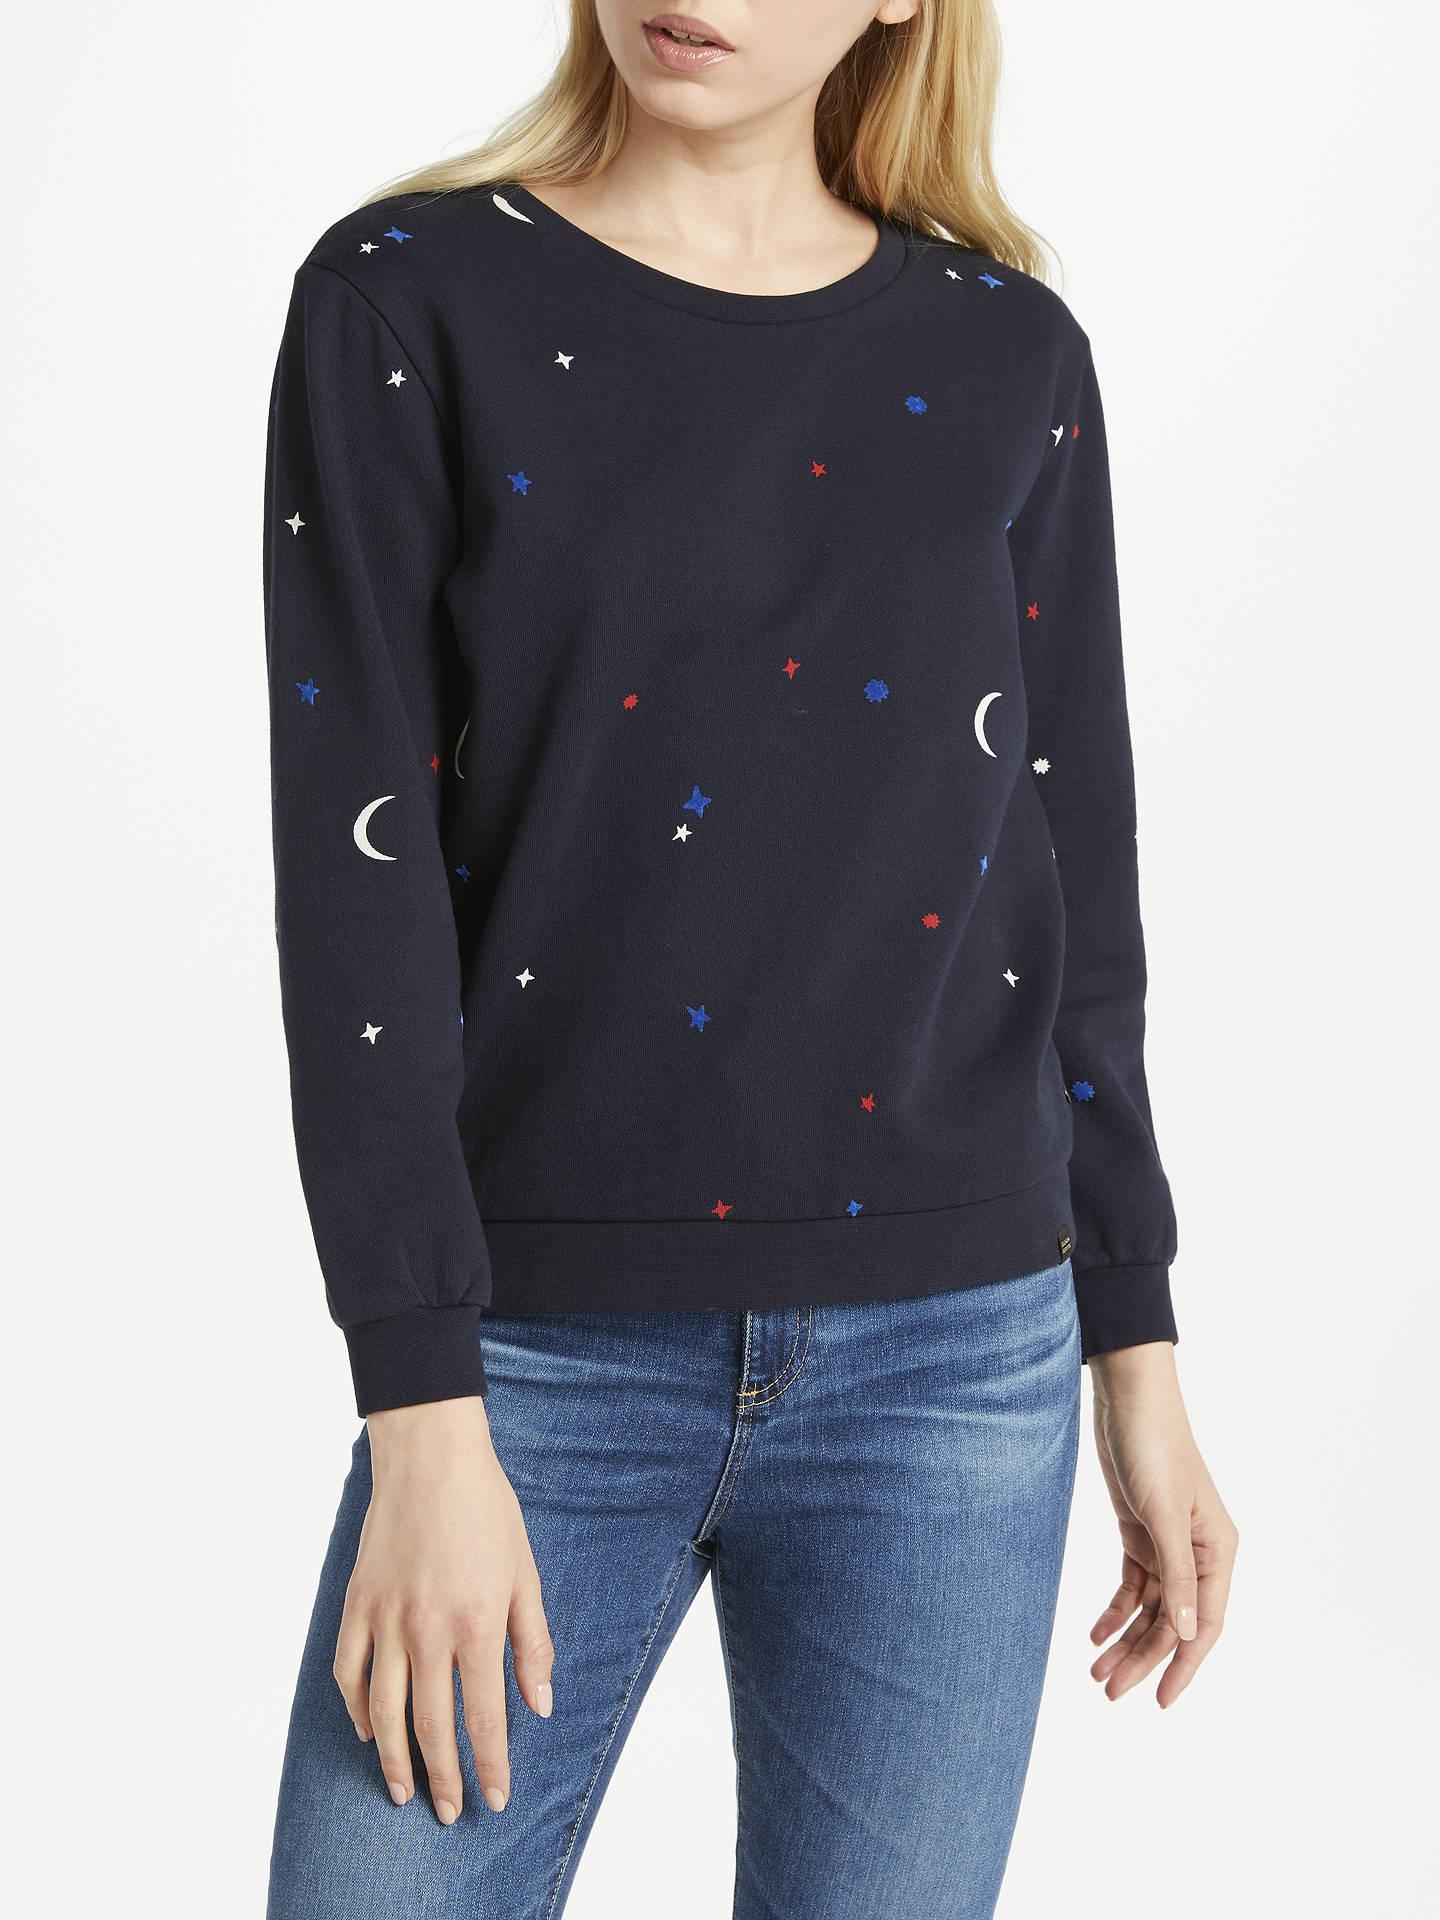 7cd75027d Maison Scotch Star Moon Print Sweater